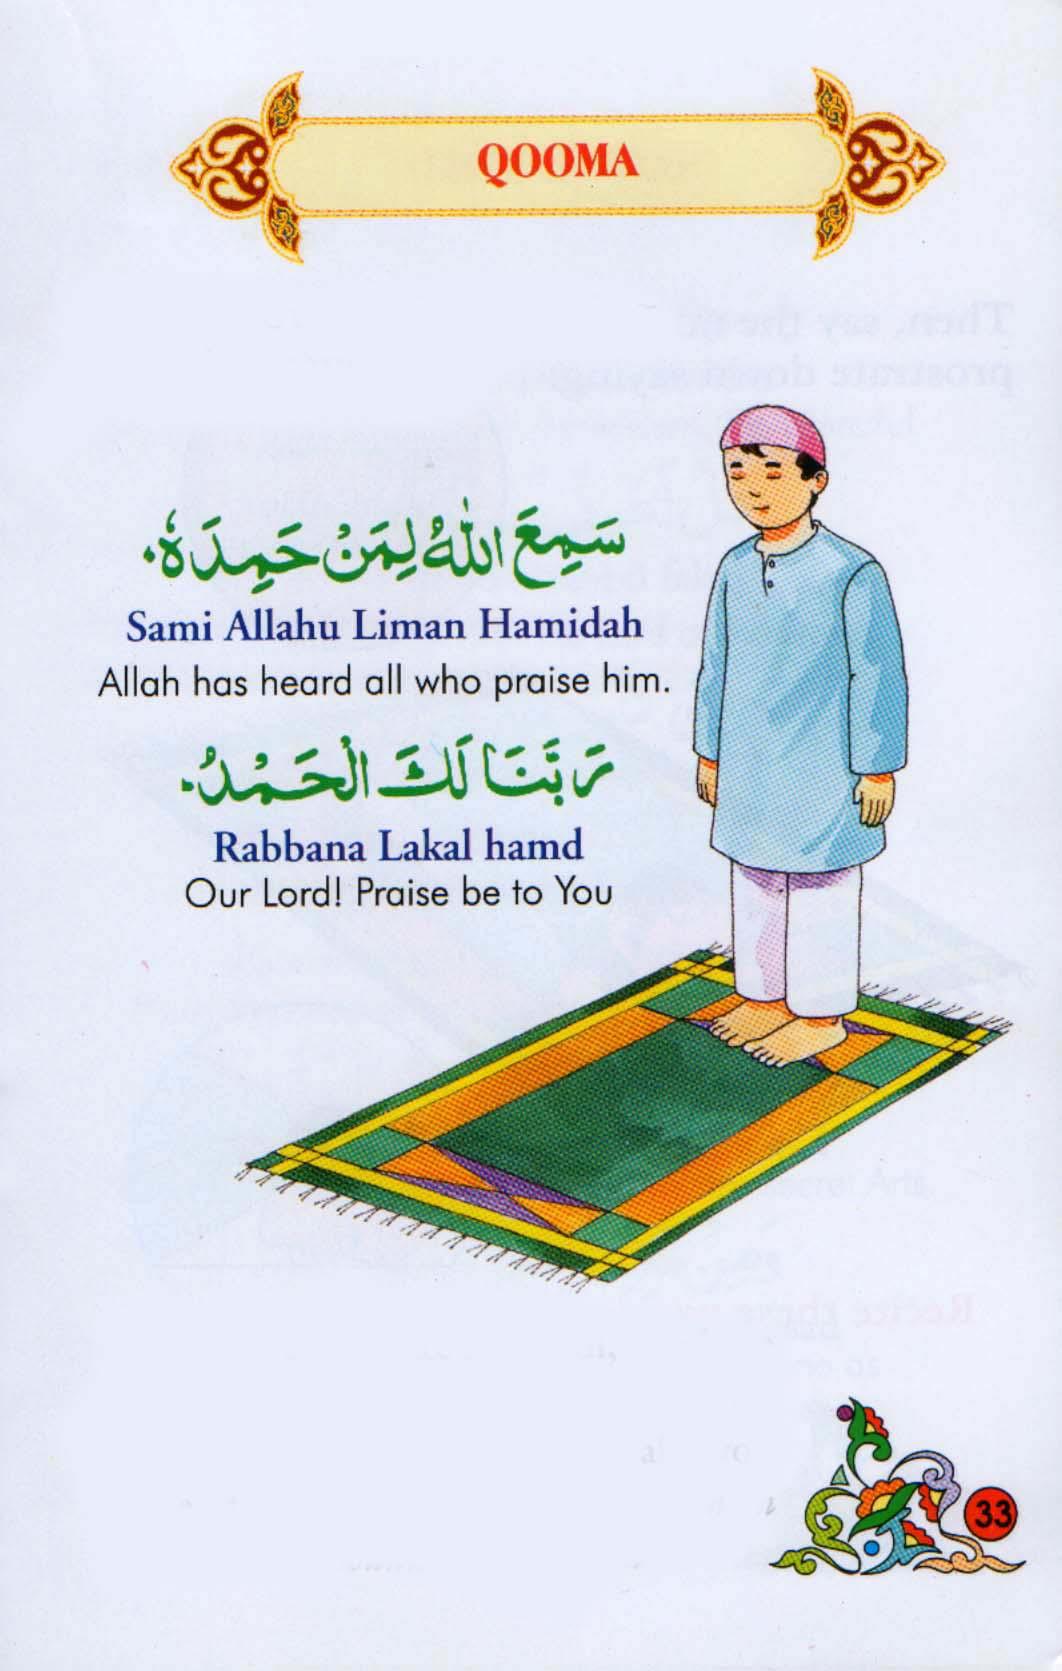 Learn the namaz Raku, Qooma, Jalsa and Sajda